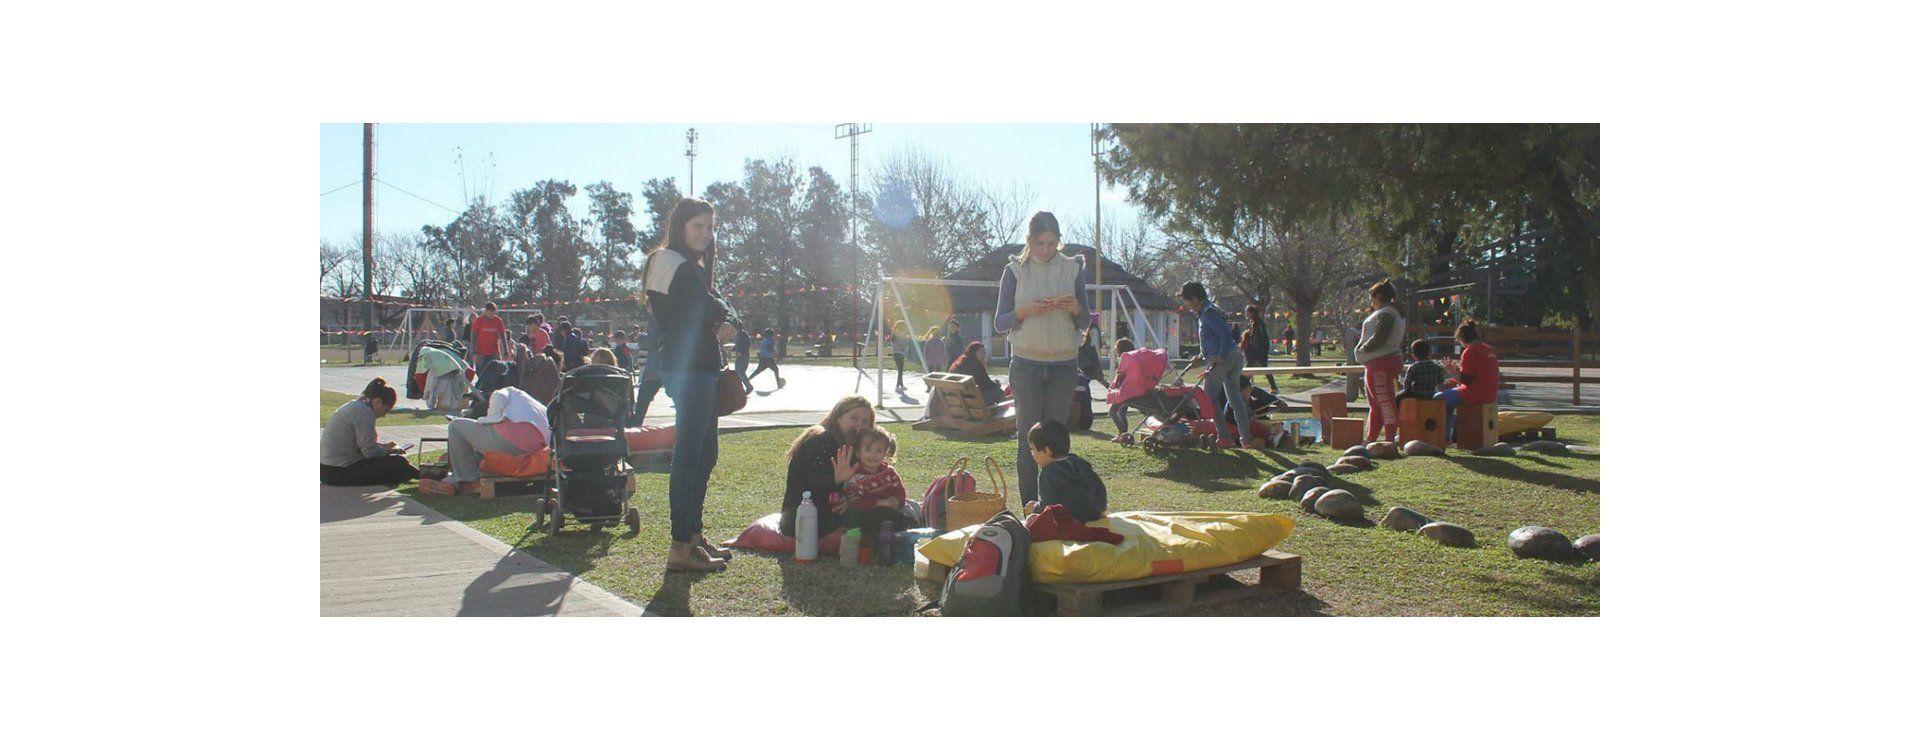 Este invierno más de 90 mil personas visitaron el Tríptico de la Imaginación